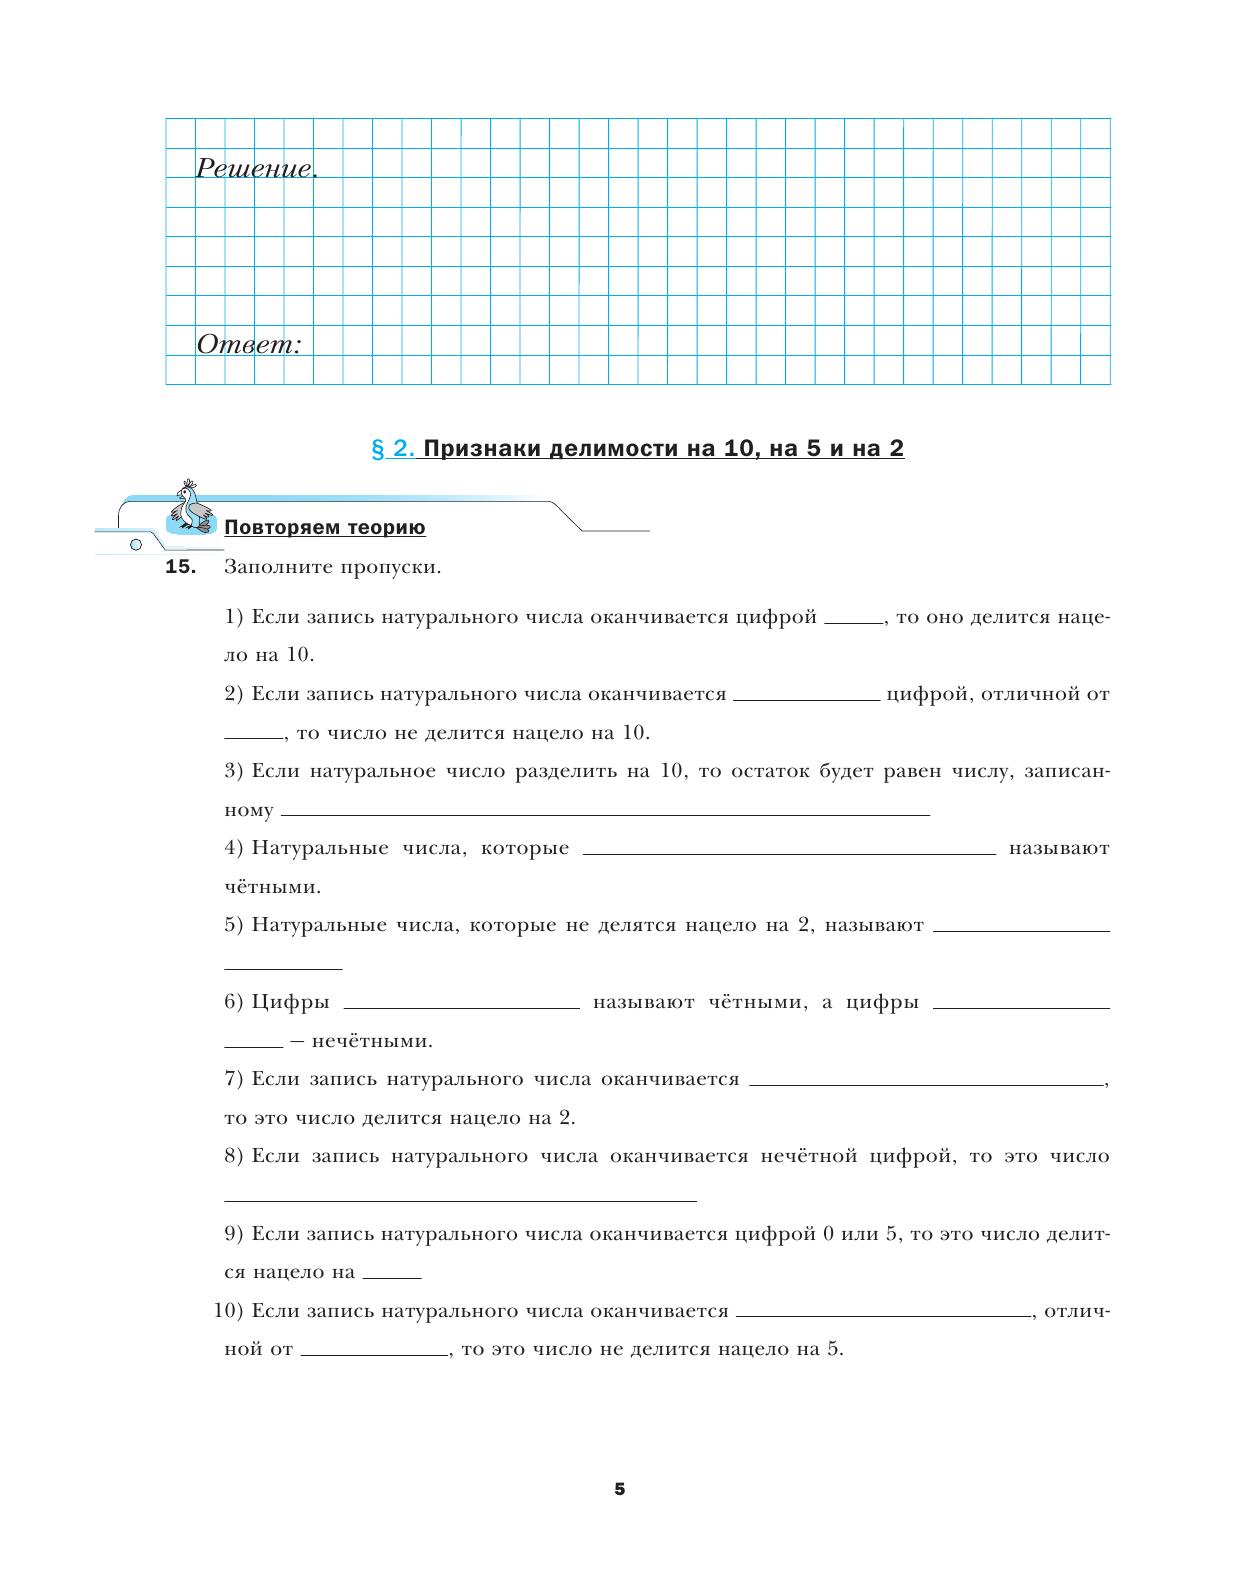 рабочая тетрадь по математике 5 класс мерзляк скачать бесплатно